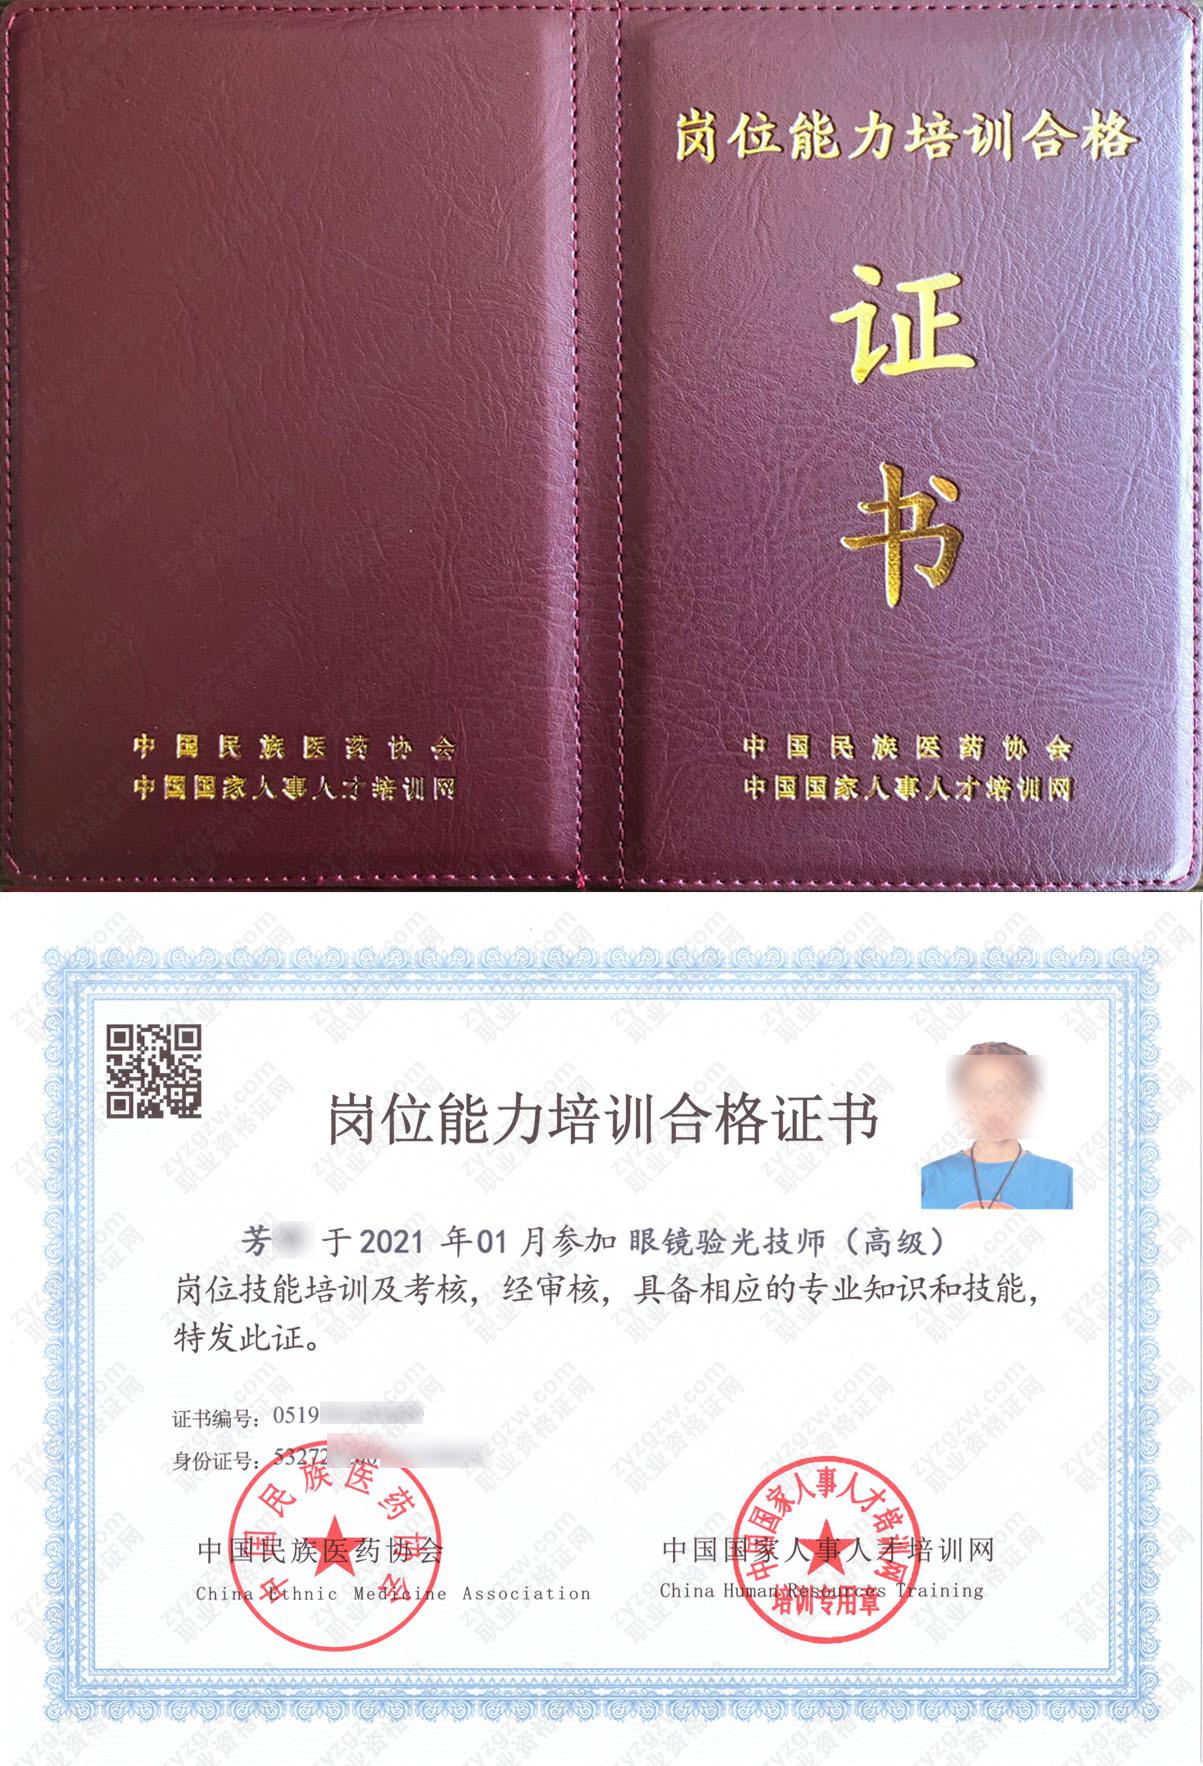 中国国家人事人才培训网 岗位能力培训合格证书 眼镜验光技师证证书样本